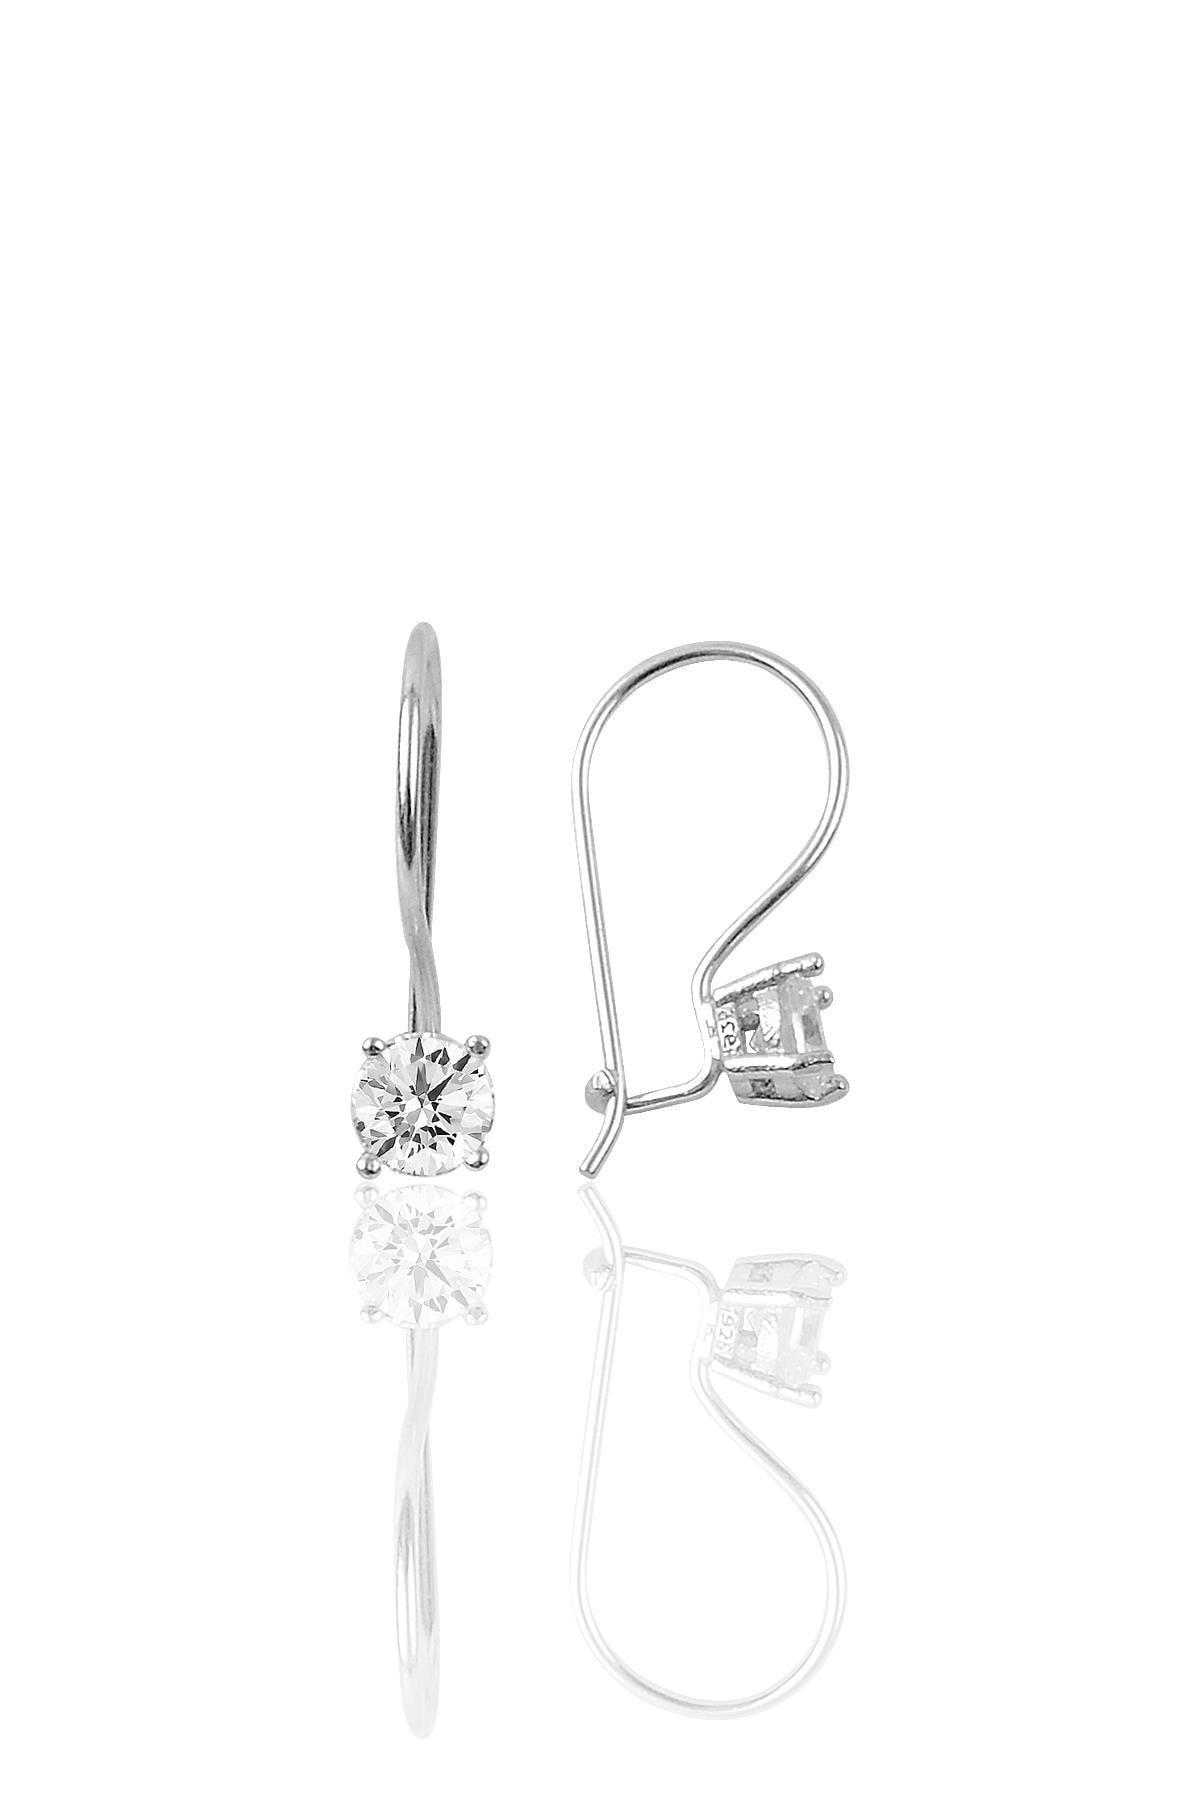 Söğütlü Silver Gümüş rodyumlu tek taş  kolye ve çengelli küpe gümüş  set 2